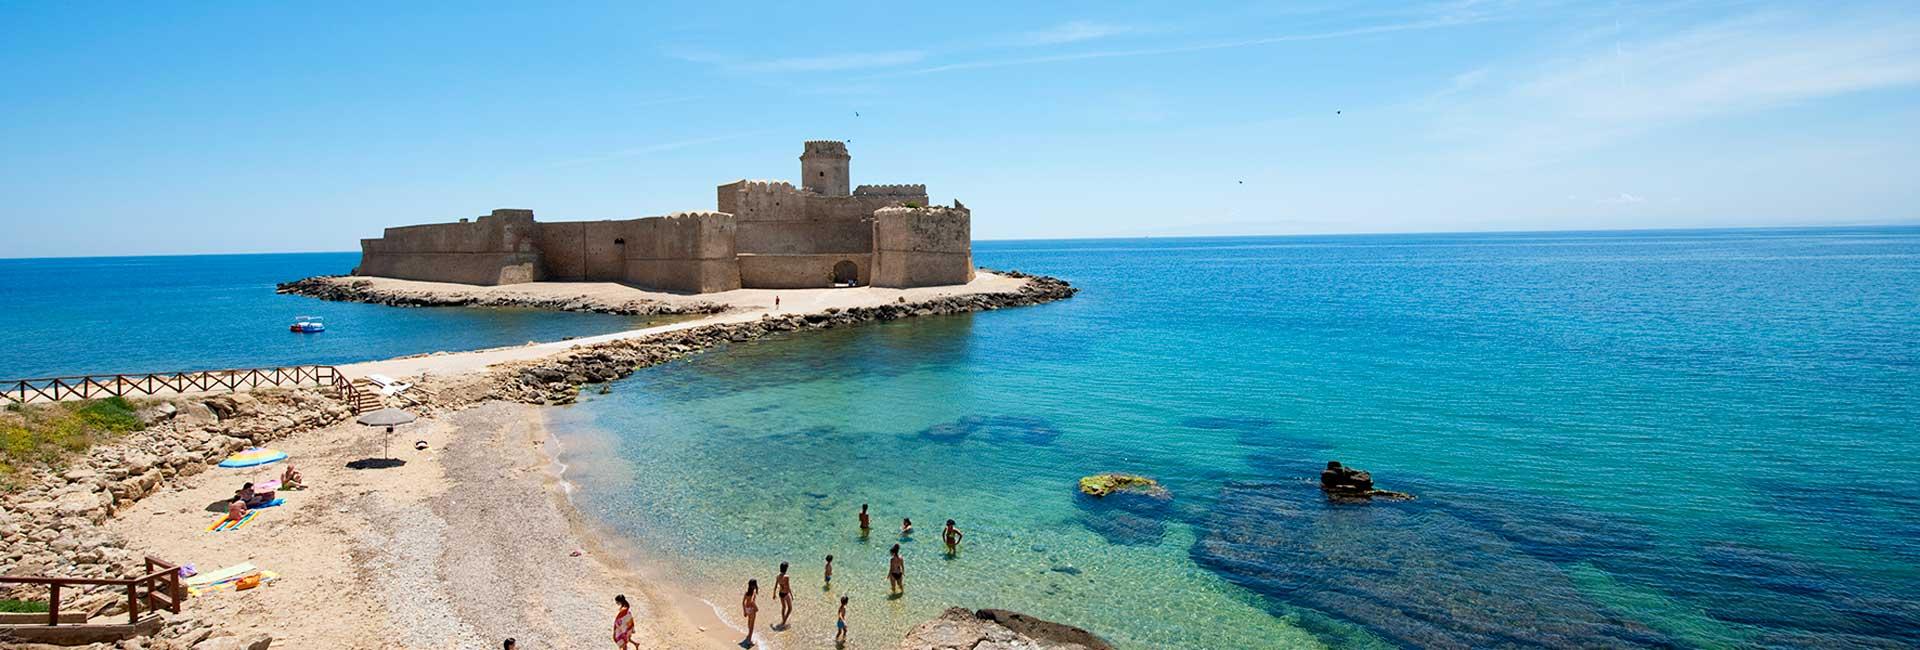 Spiaggia Le Castella - Isola di Capo Rizzuto - Calabria